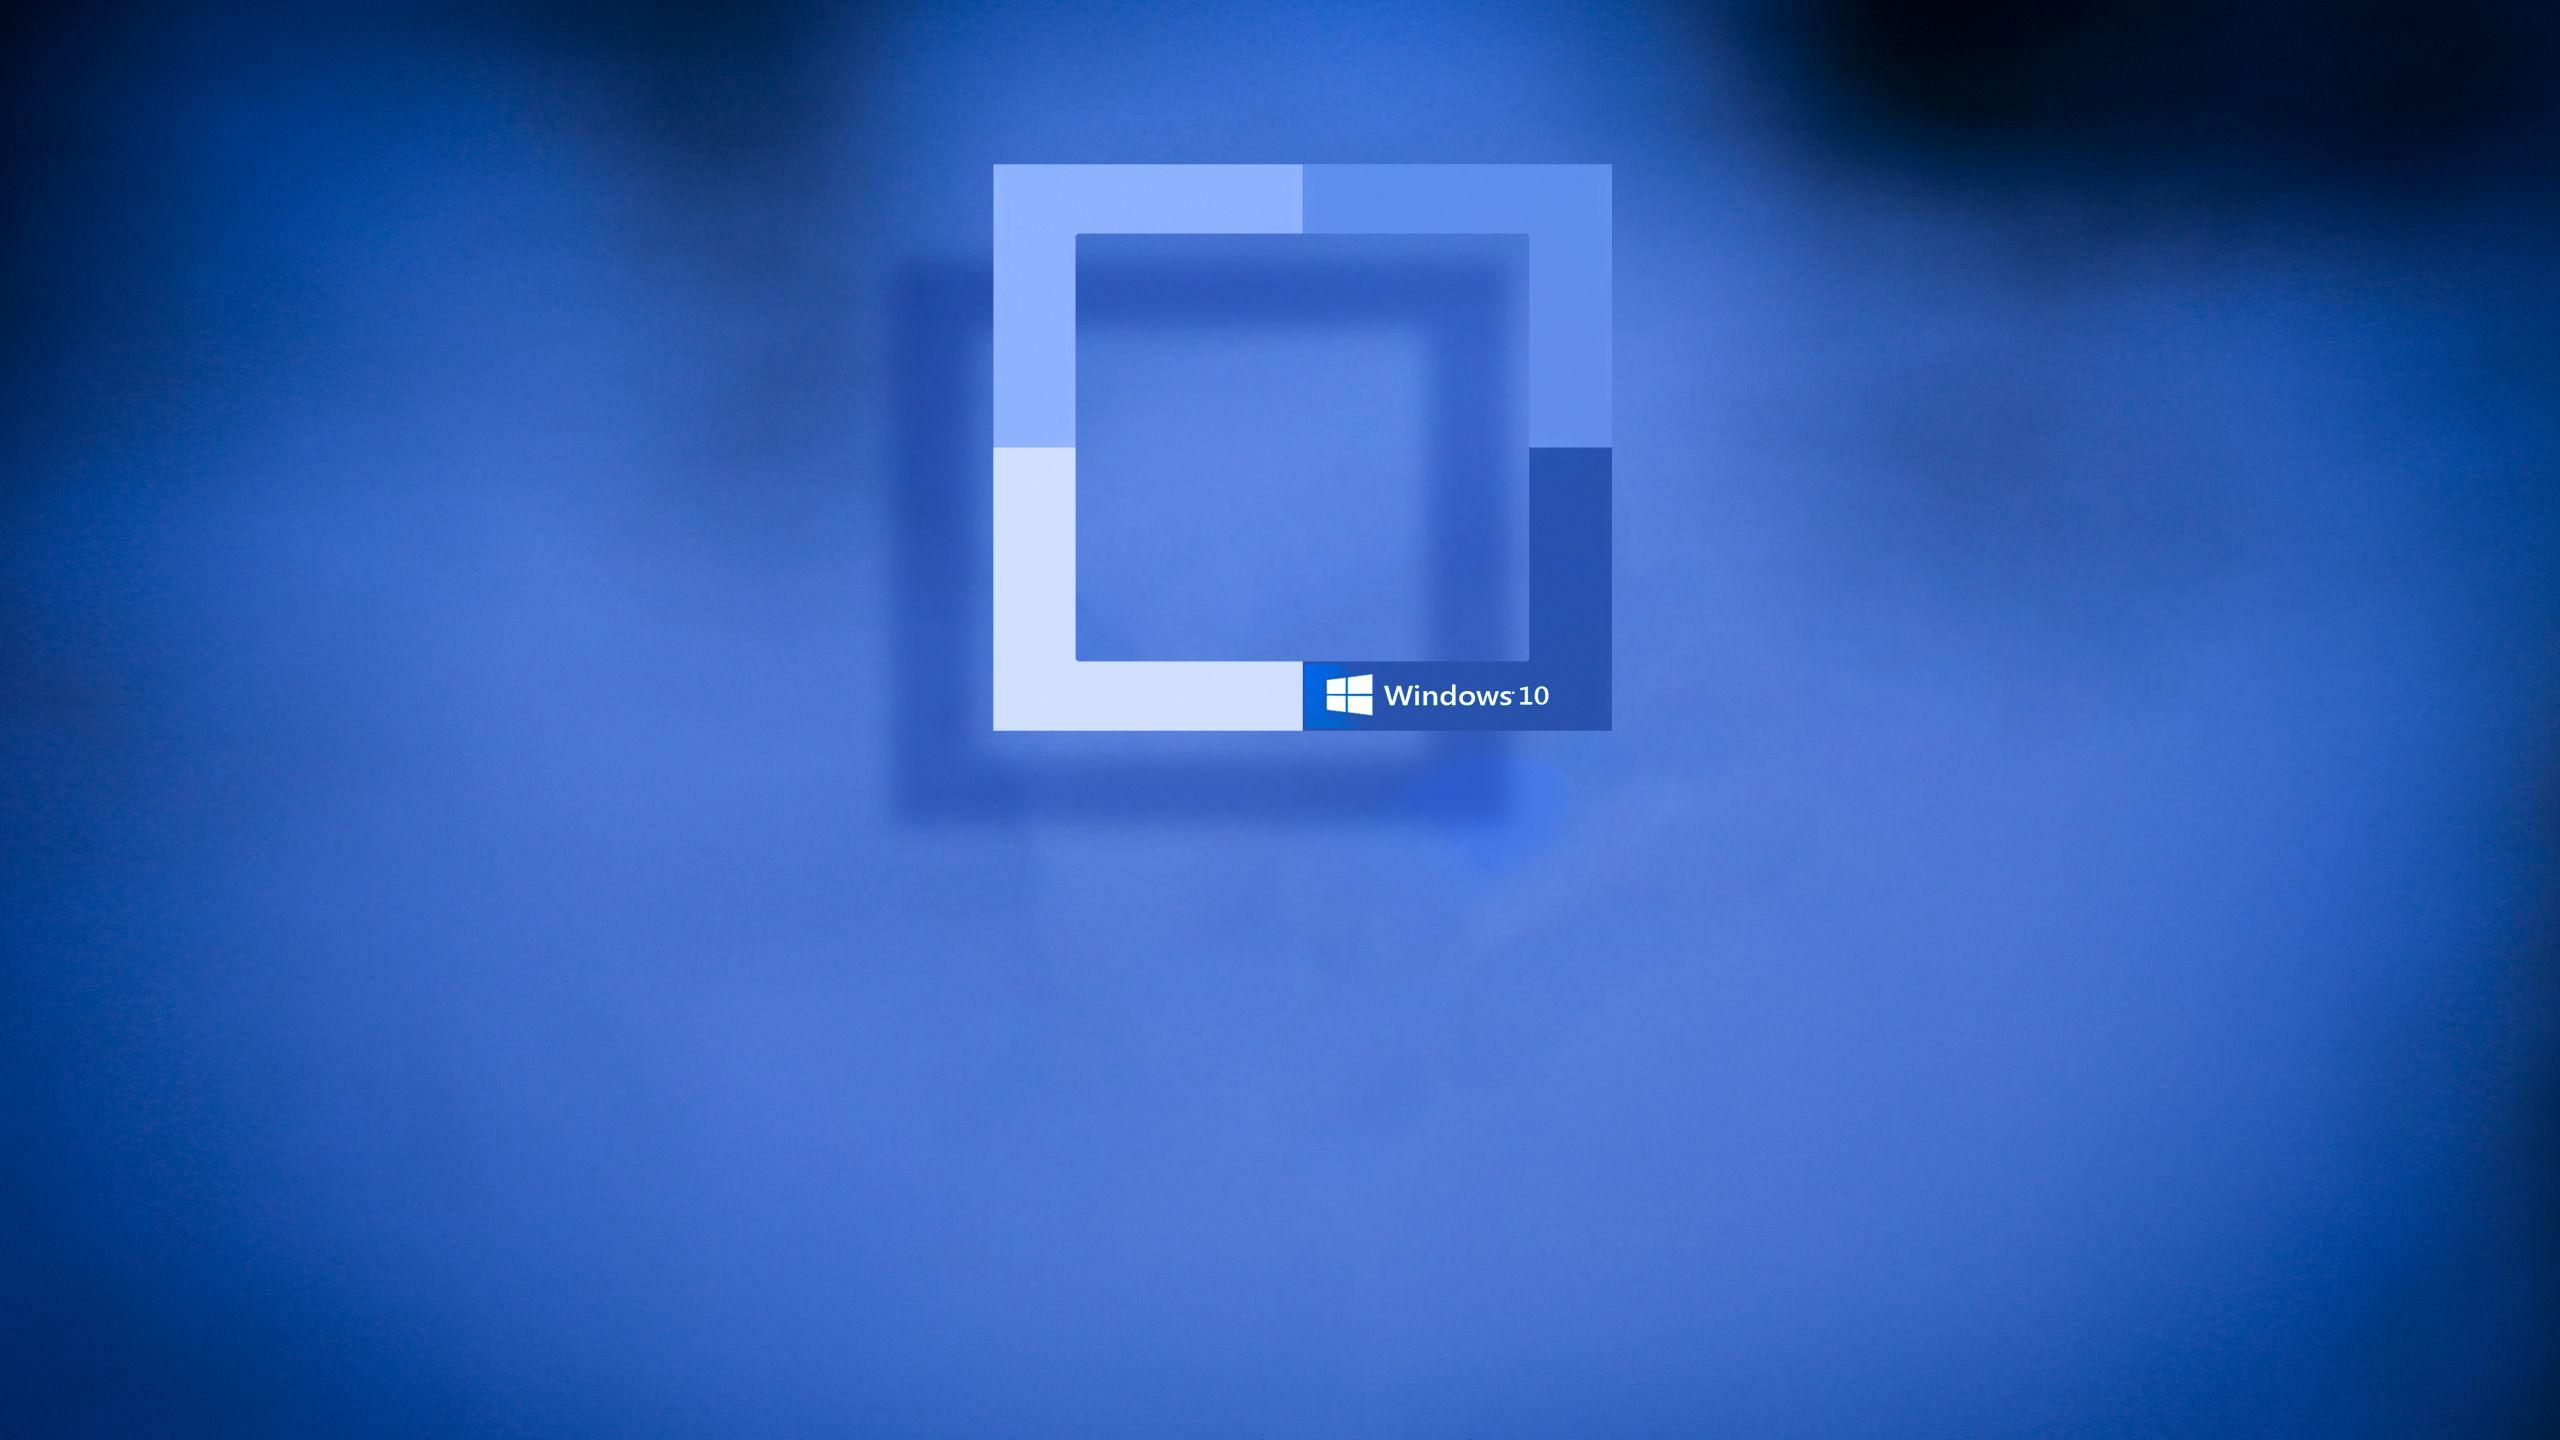 306 3069660 windows 10 wallpaper hd 3d for desktop windows